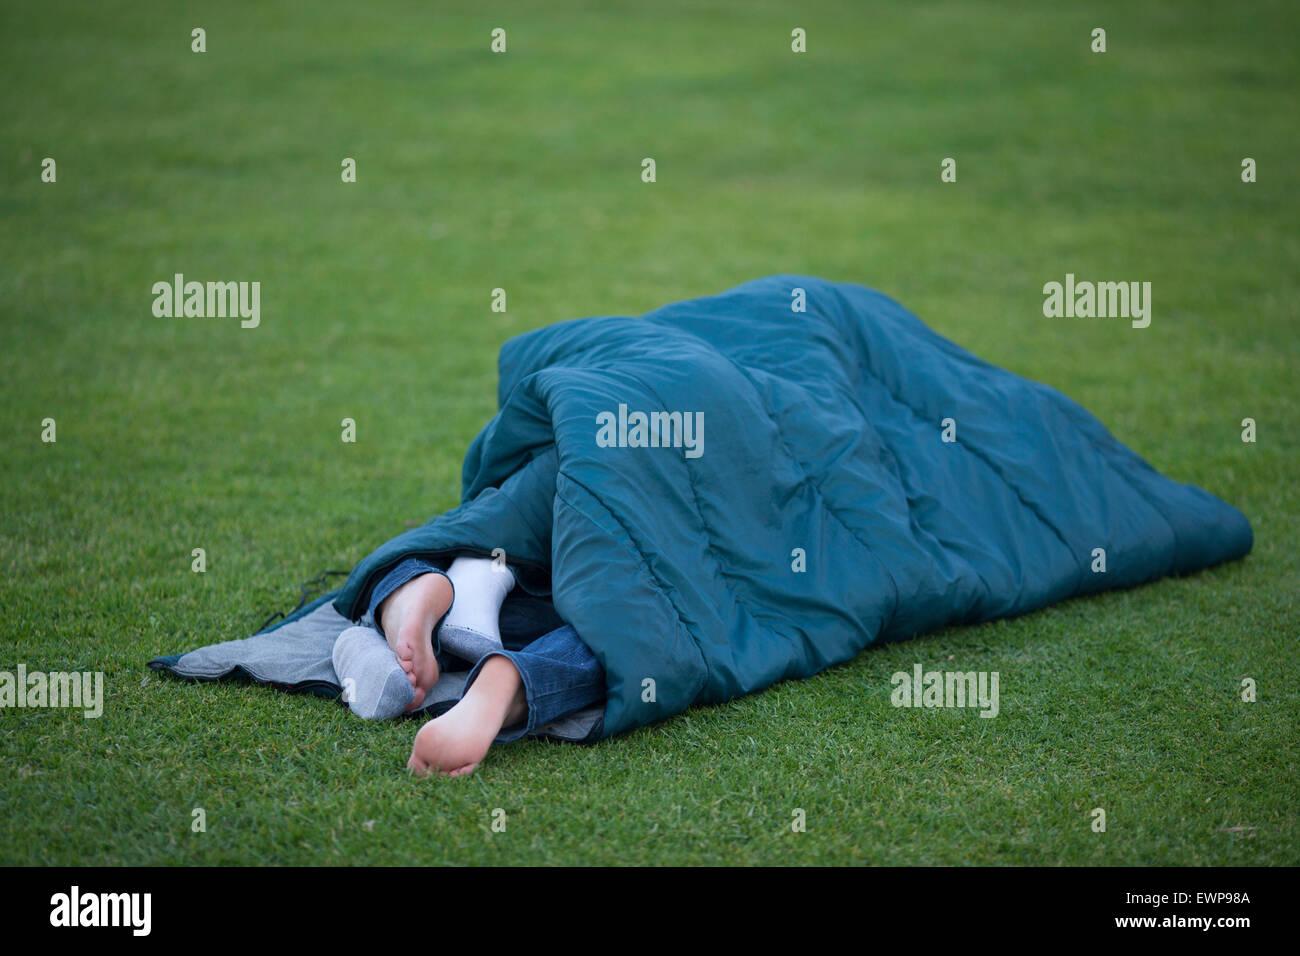 Deux paires de pieds traînant de sac de couchage. Photo Stock